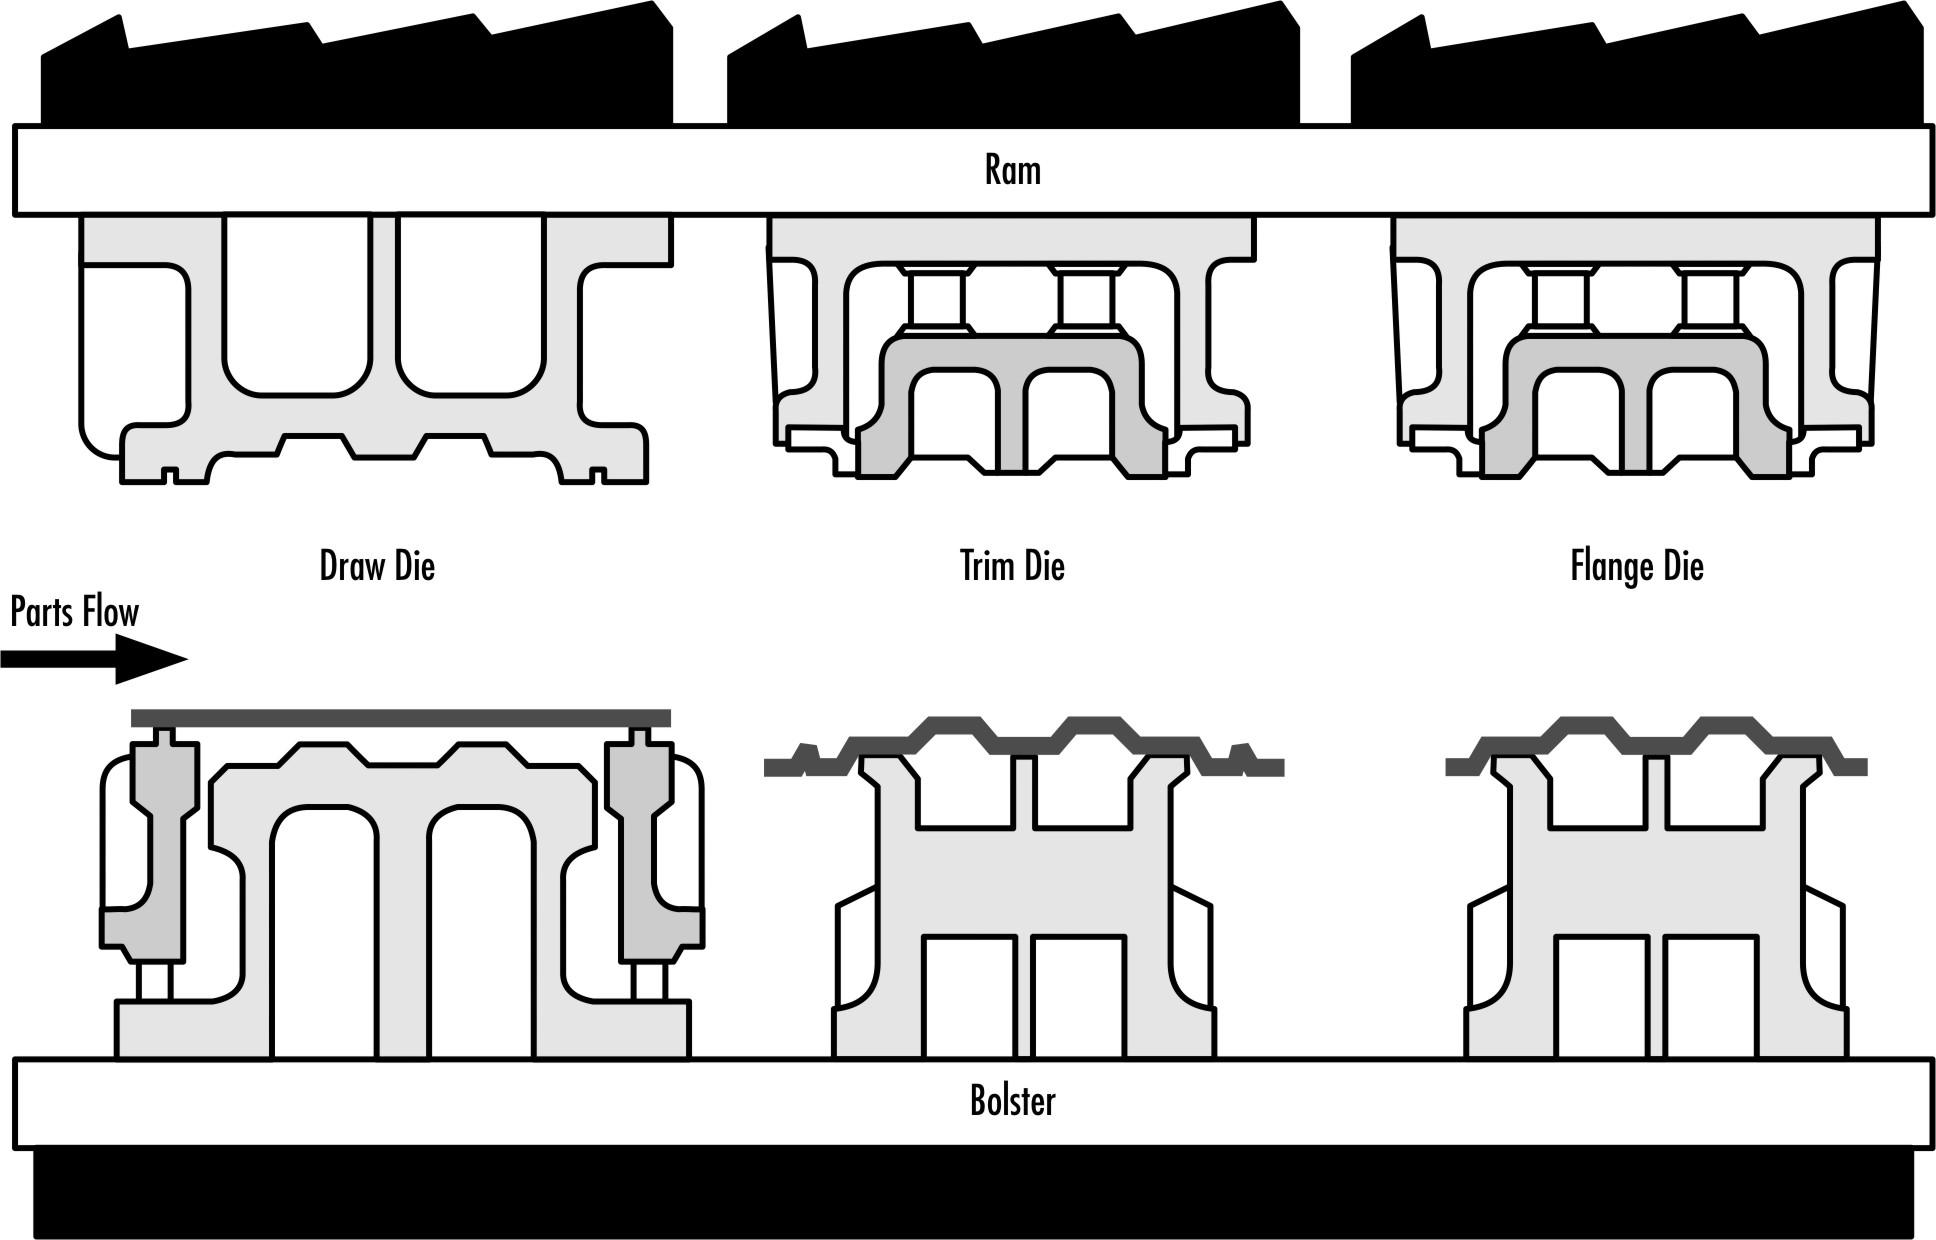 process flow diagram vs sequence diagram